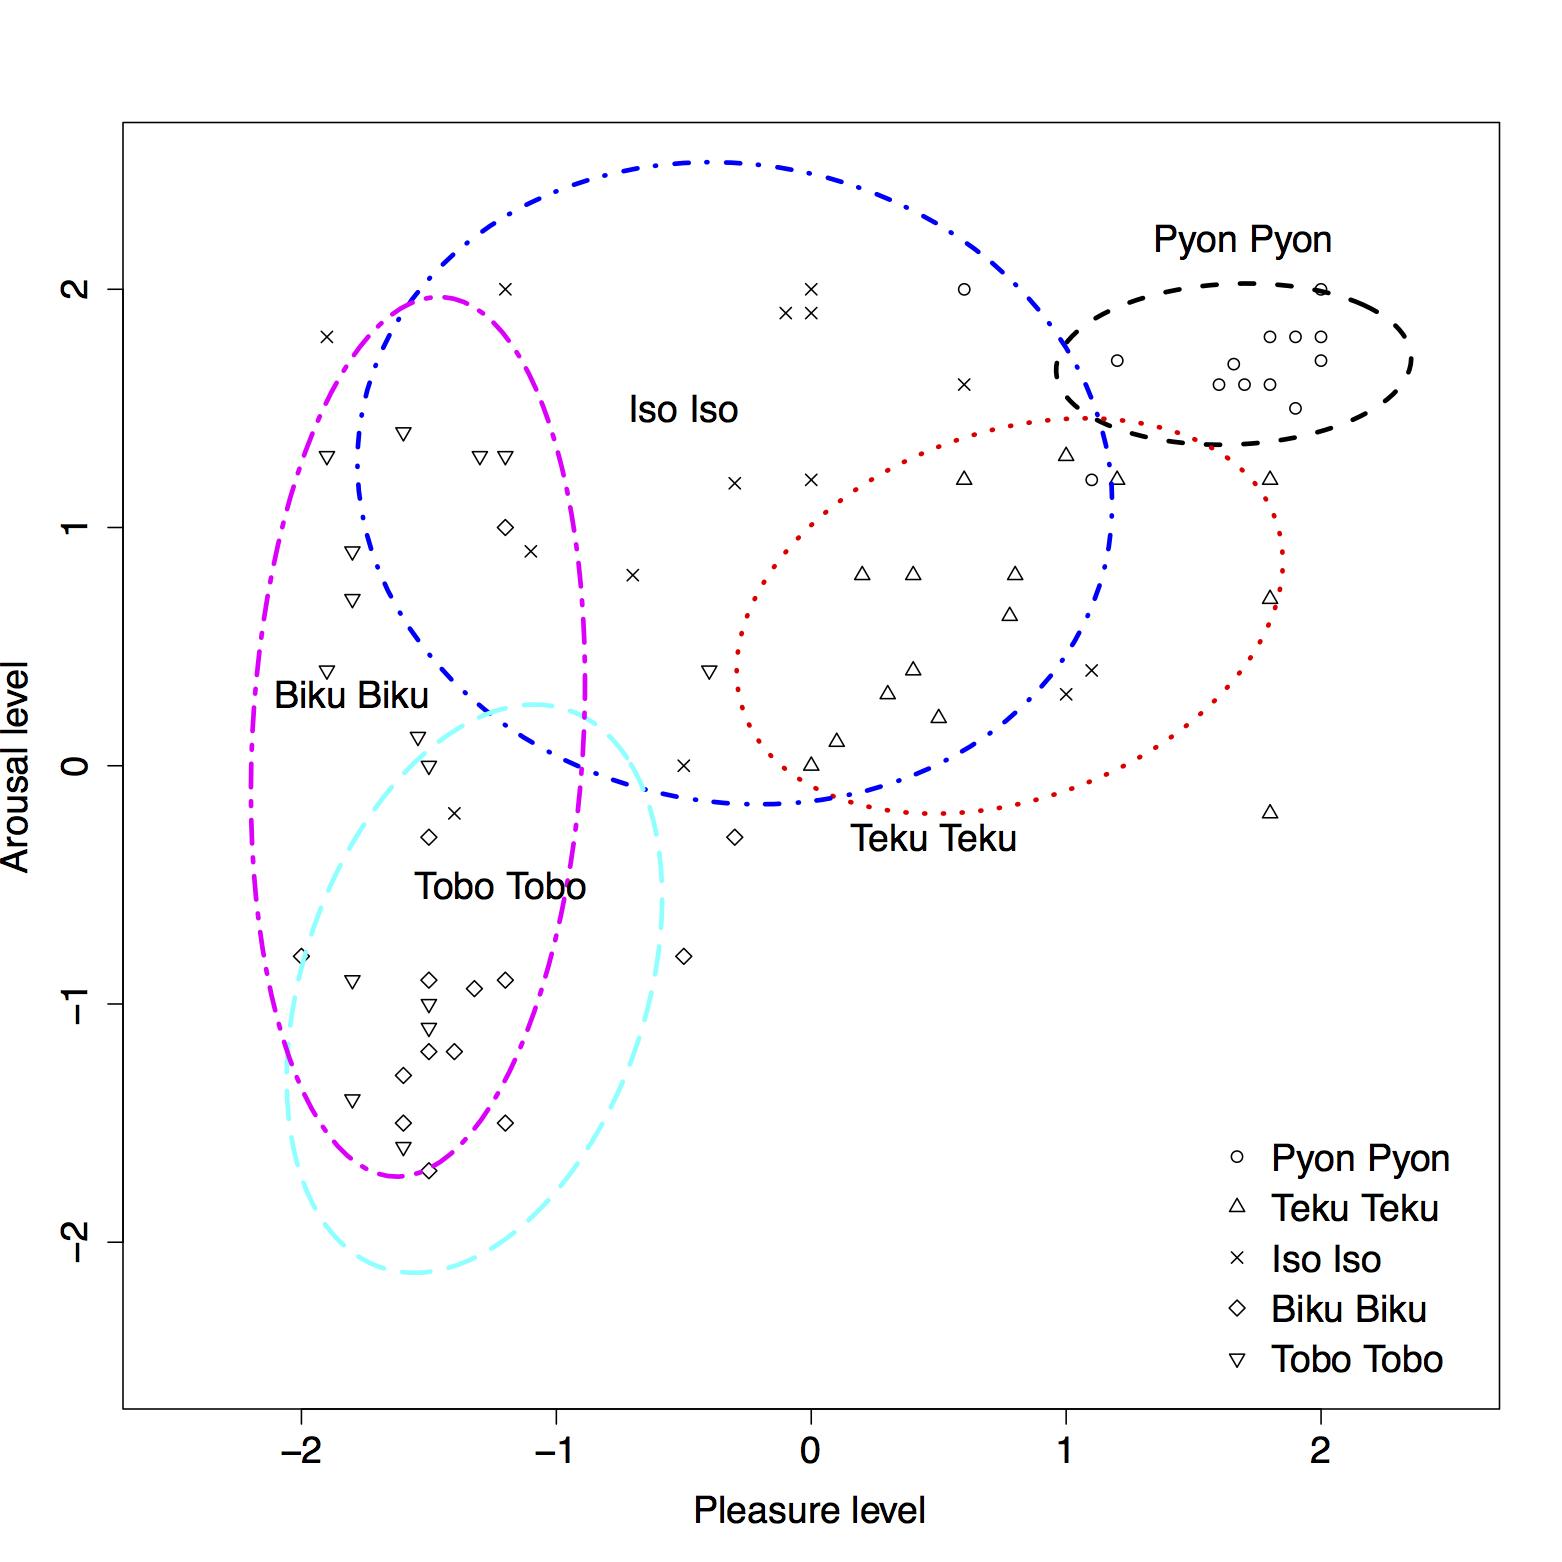 二次元円環モデル(PA軸)上のオノマトペ分布